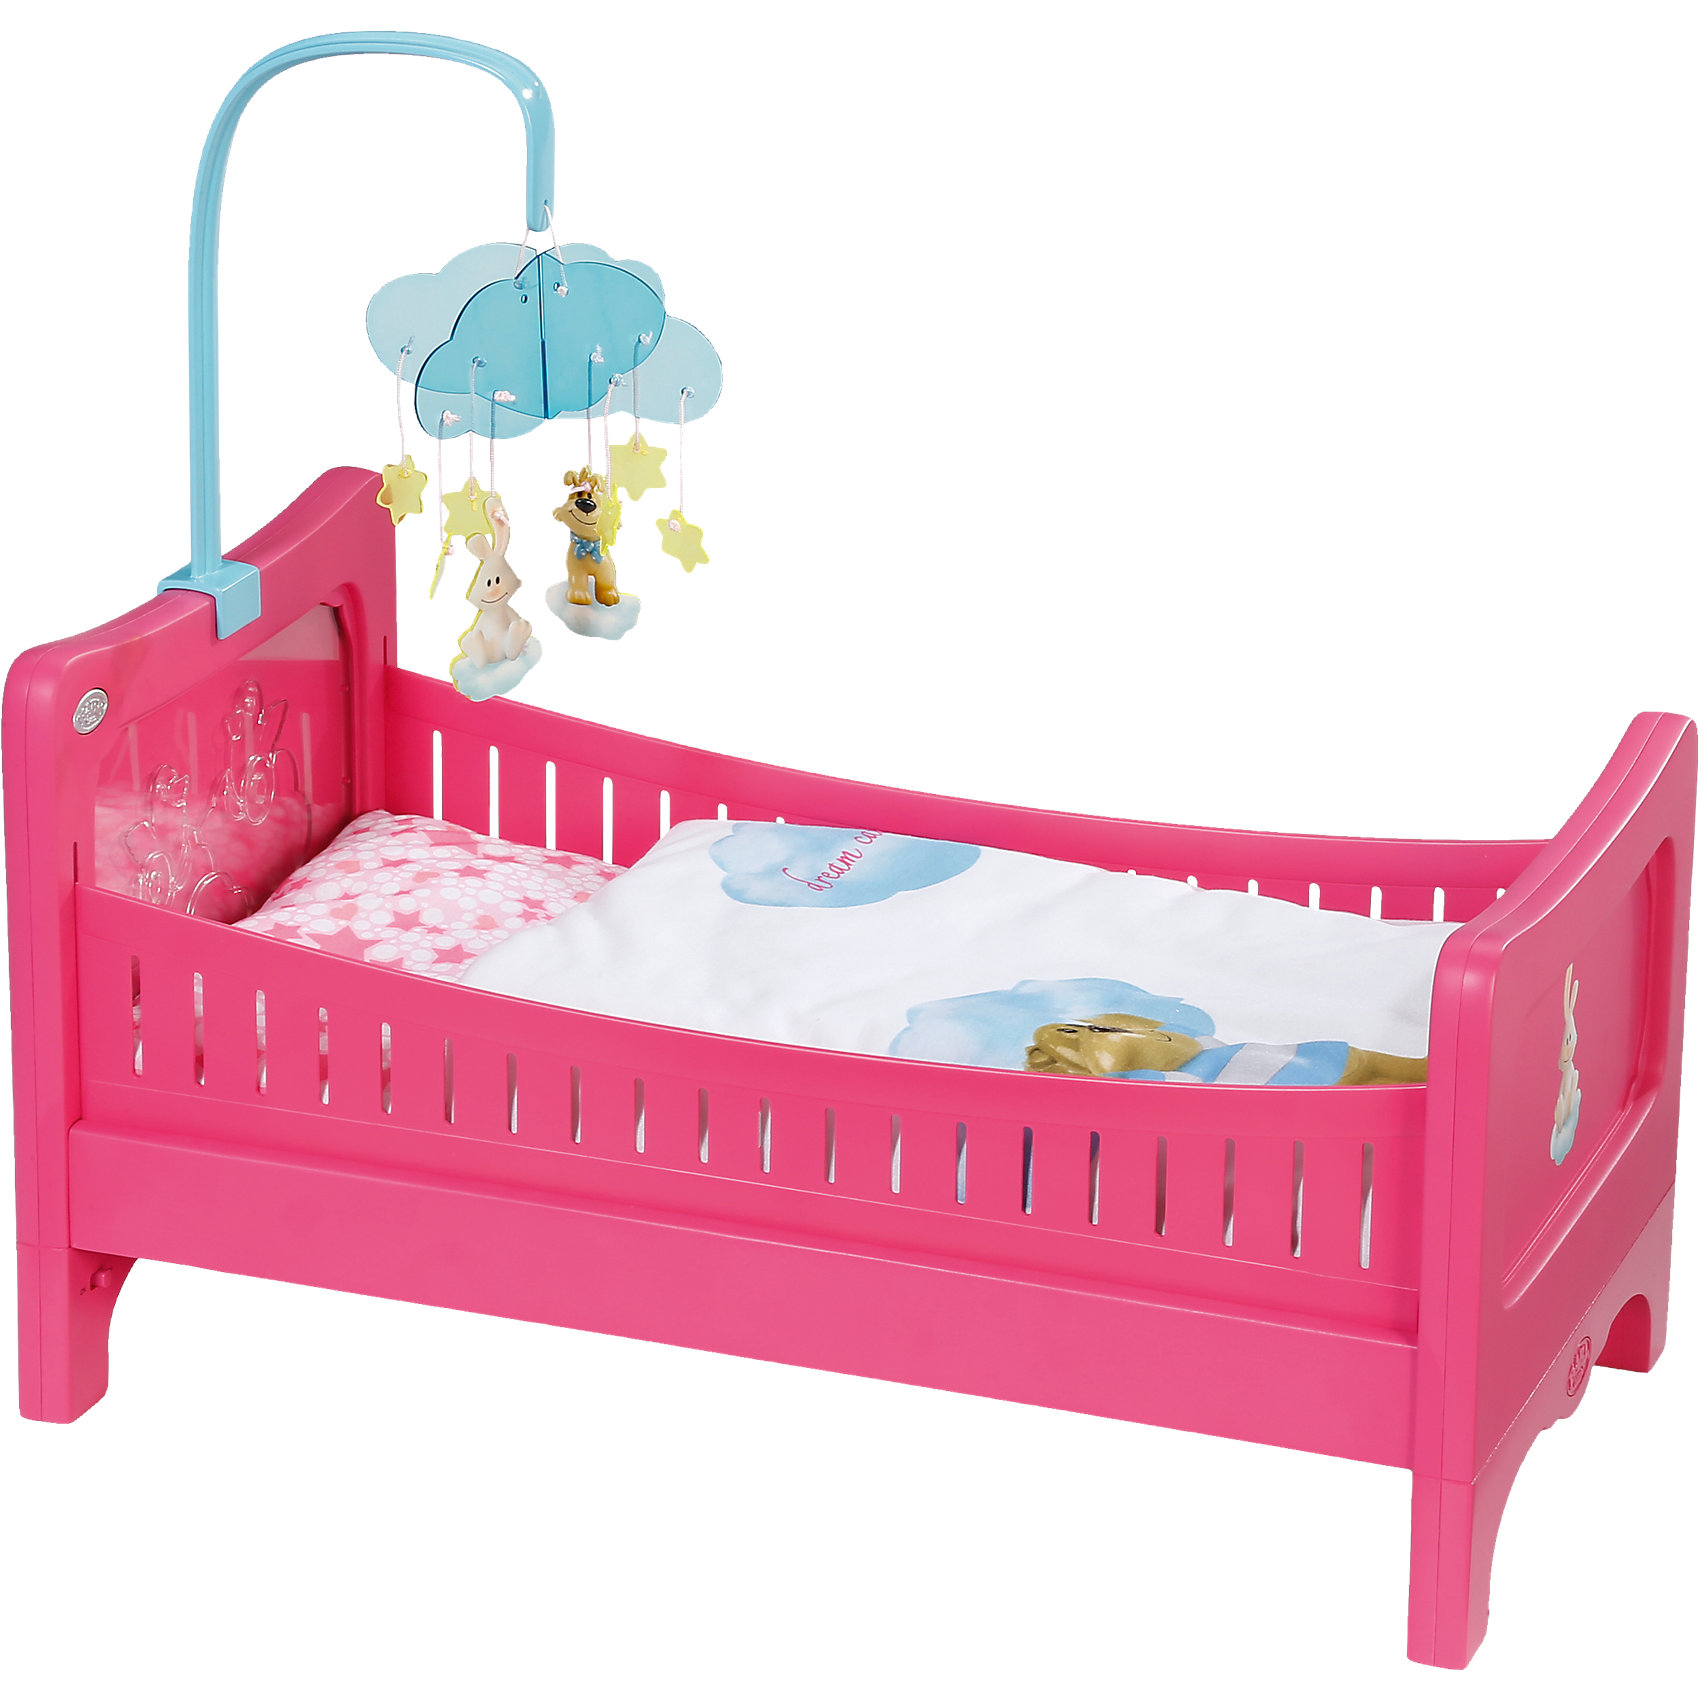 Кровать, BABY bornХарактеристики товара:<br><br>- цвет: разноцветный;<br>- материал: пластик;<br>- особенности: с подвеской;<br>- размер упаковки: 50х13х32 см;<br>- рекомендуемый возраст: 3-8 лет.<br><br>Такие красивые акессуары для куклы не оставят ребенка равнодушным! Какая девочка откажется поиграть с кроваткой, которая так похожа на настоящую?! Игрушка отлично детализирована, очень качественно выполнена, поэтому она станет отличным подарком ребенку. Кроватка дополнена симпатичной подвеской! <br>Изделие произведено из высококачественного материала, безопасного для детей.<br><br>Кровать, BABY born можно купить в нашем интернет-магазине.<br><br>Ширина мм: 505<br>Глубина мм: 325<br>Высота мм: 129<br>Вес г: 2017<br>Возраст от месяцев: 36<br>Возраст до месяцев: 60<br>Пол: Женский<br>Возраст: Детский<br>SKU: 4674537